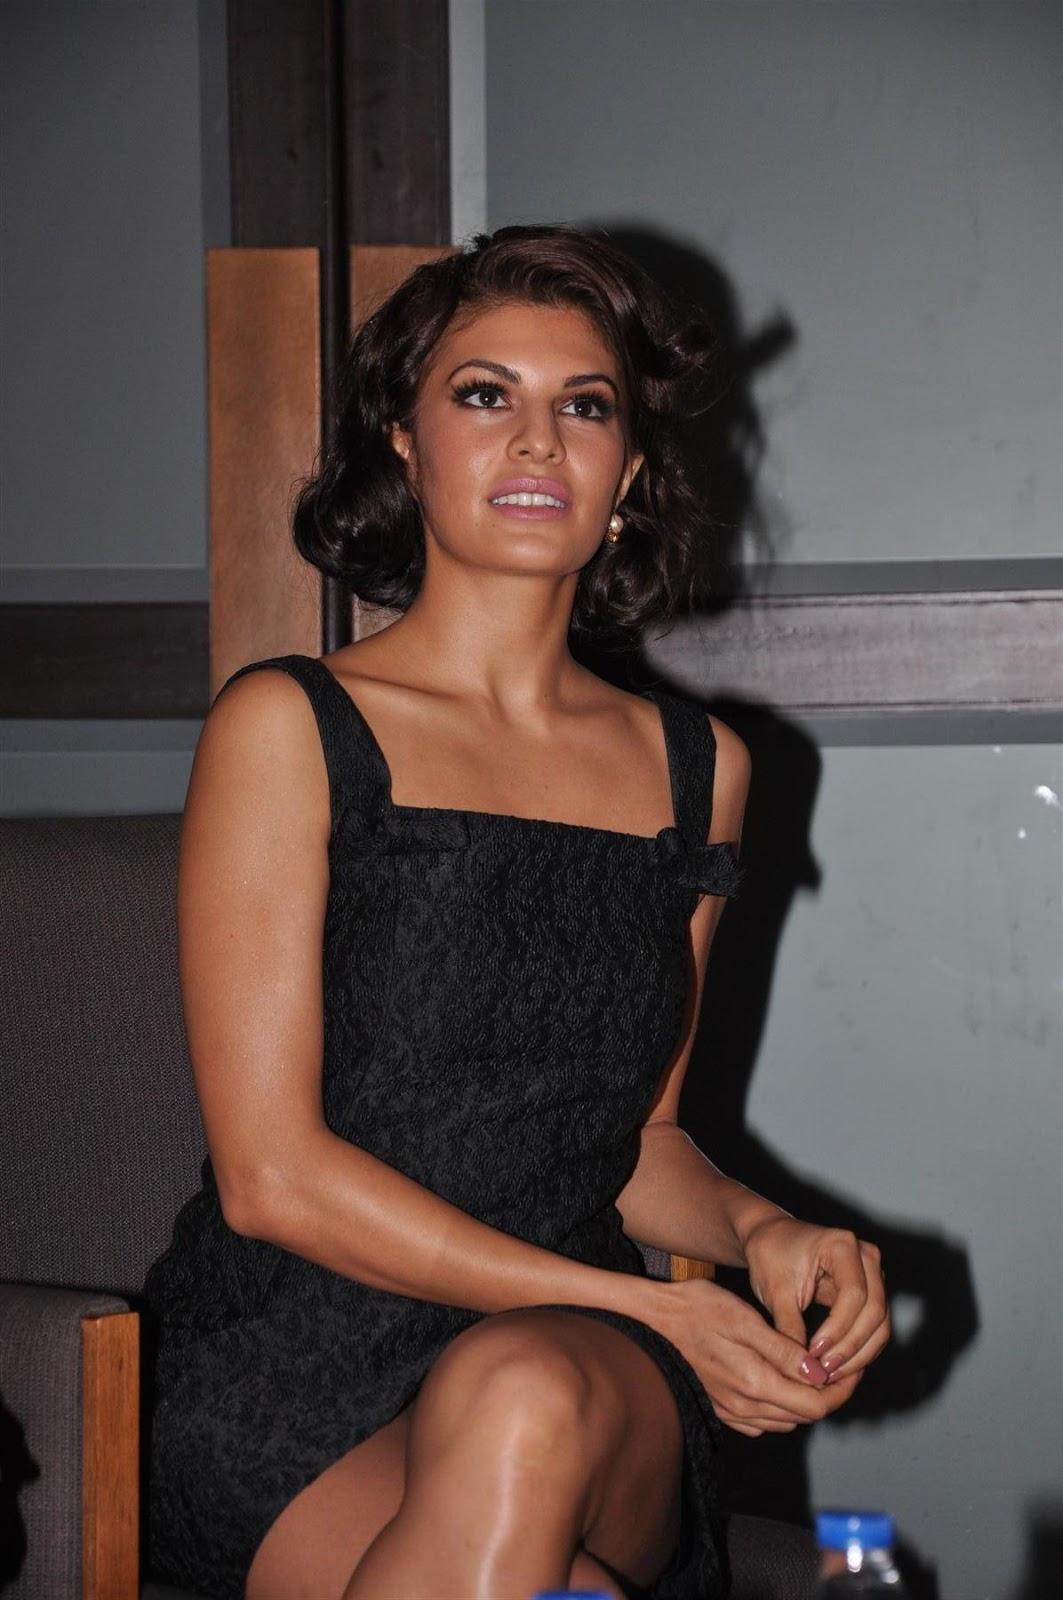 gorgeous hot sexy Jacqueline fernandez hot photoshoot